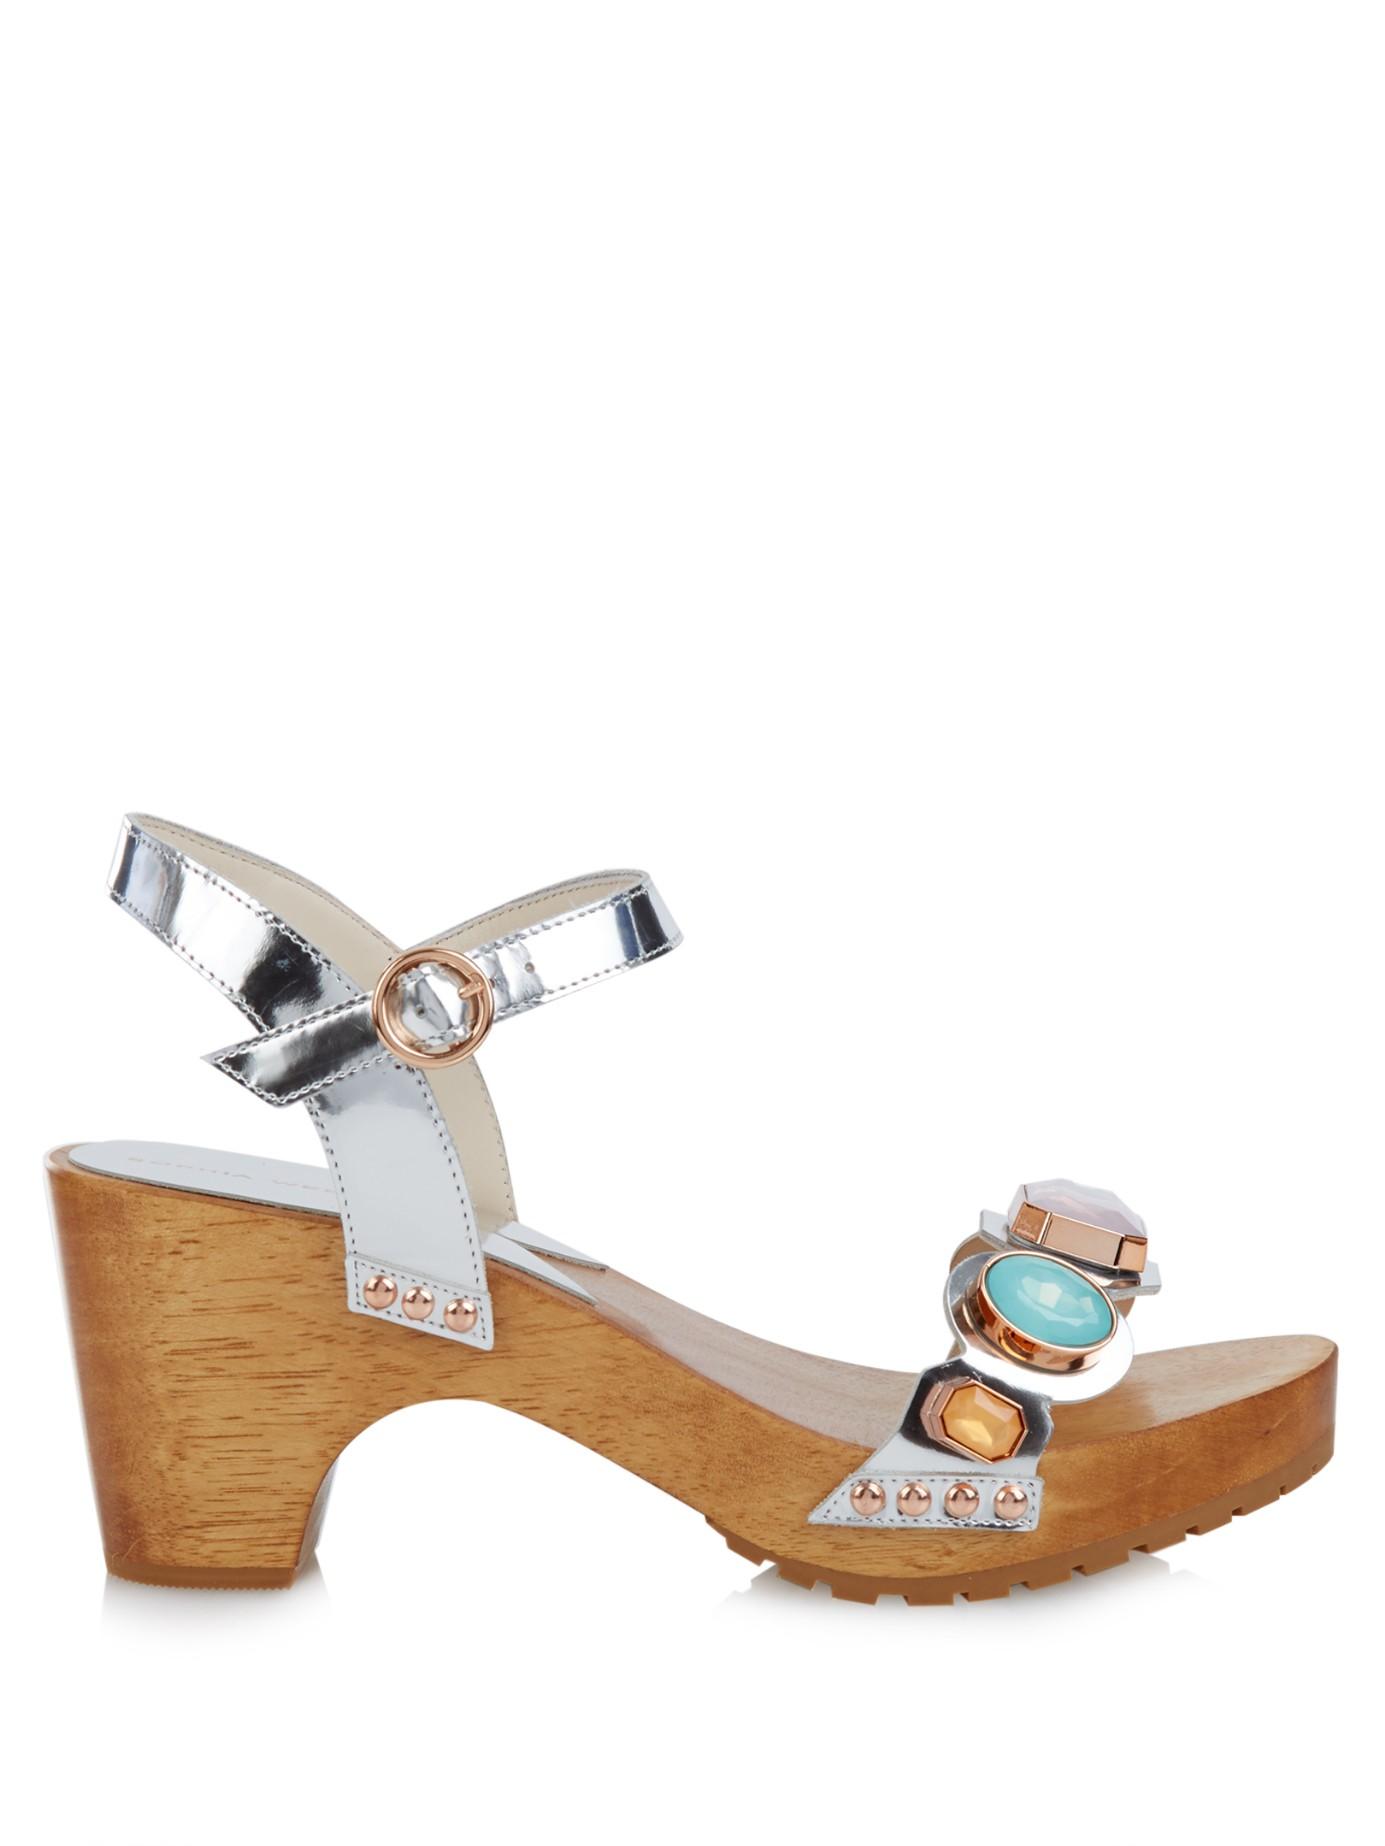 Lyst Sophia Webster Ava Embellished Leather Sandals In